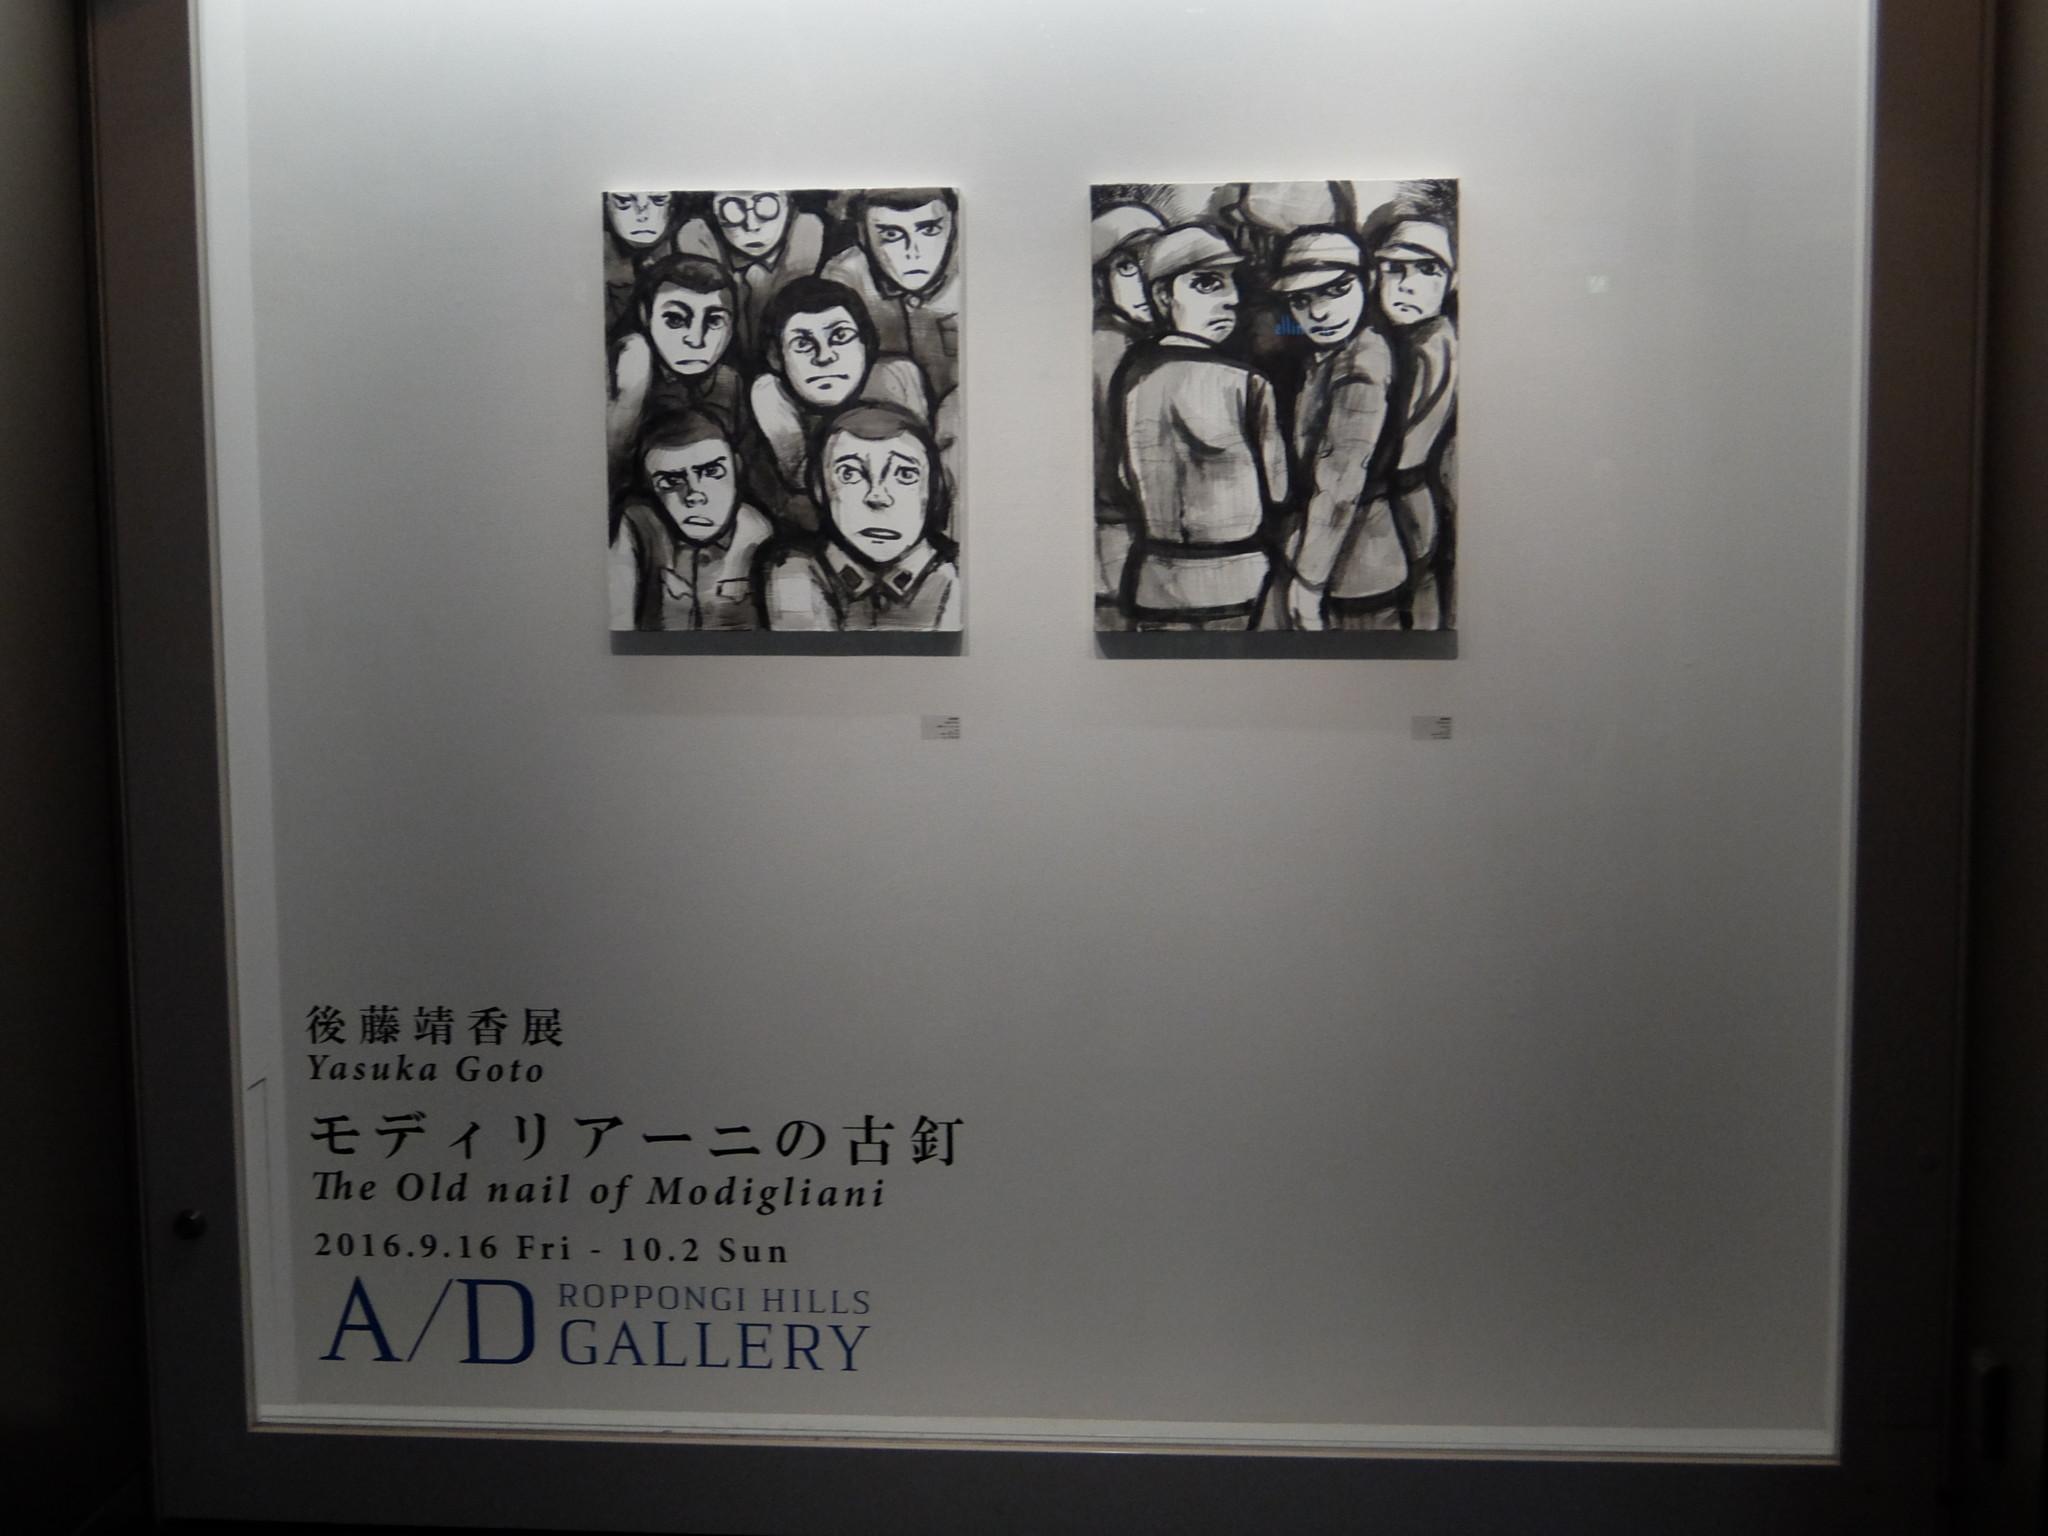 後藤靖香展 「モディリアーニの古釘」